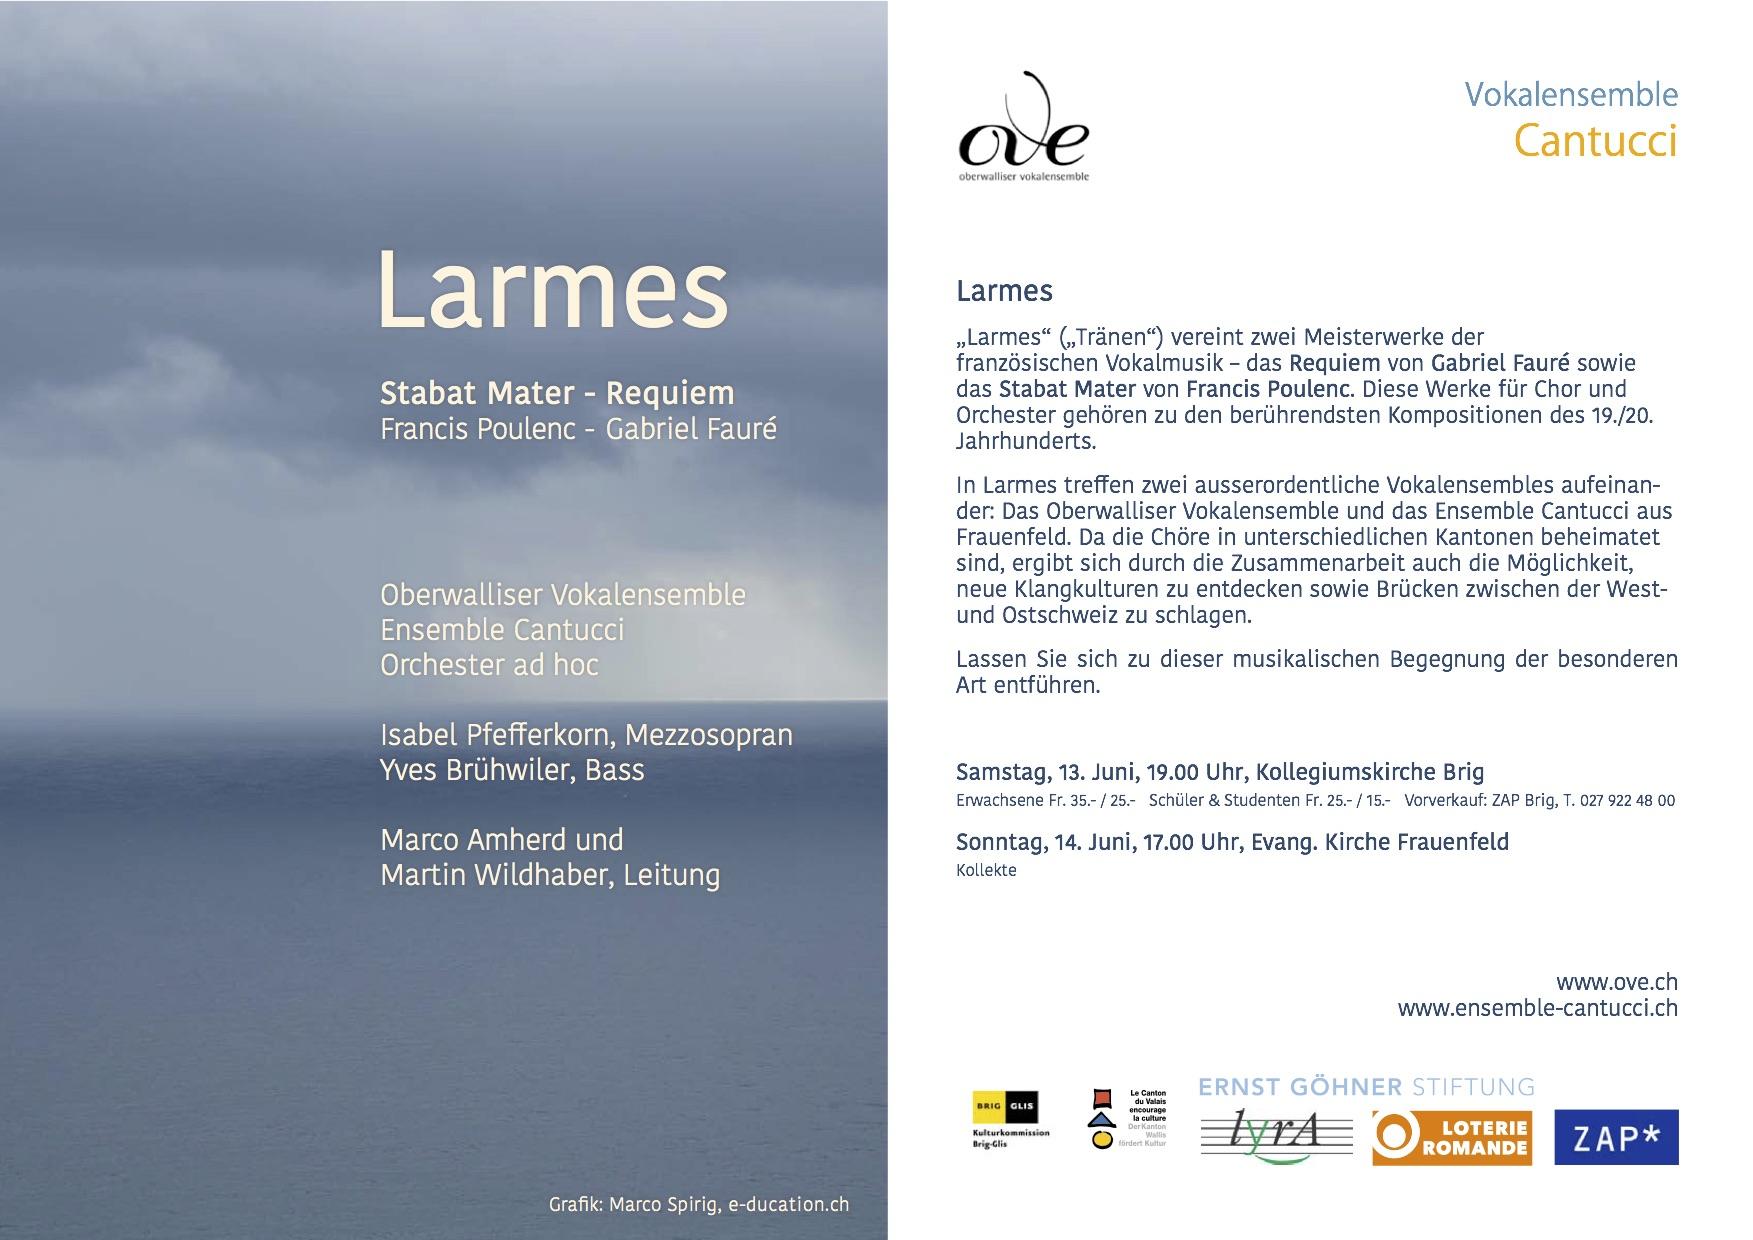 larmes flyer.jpg